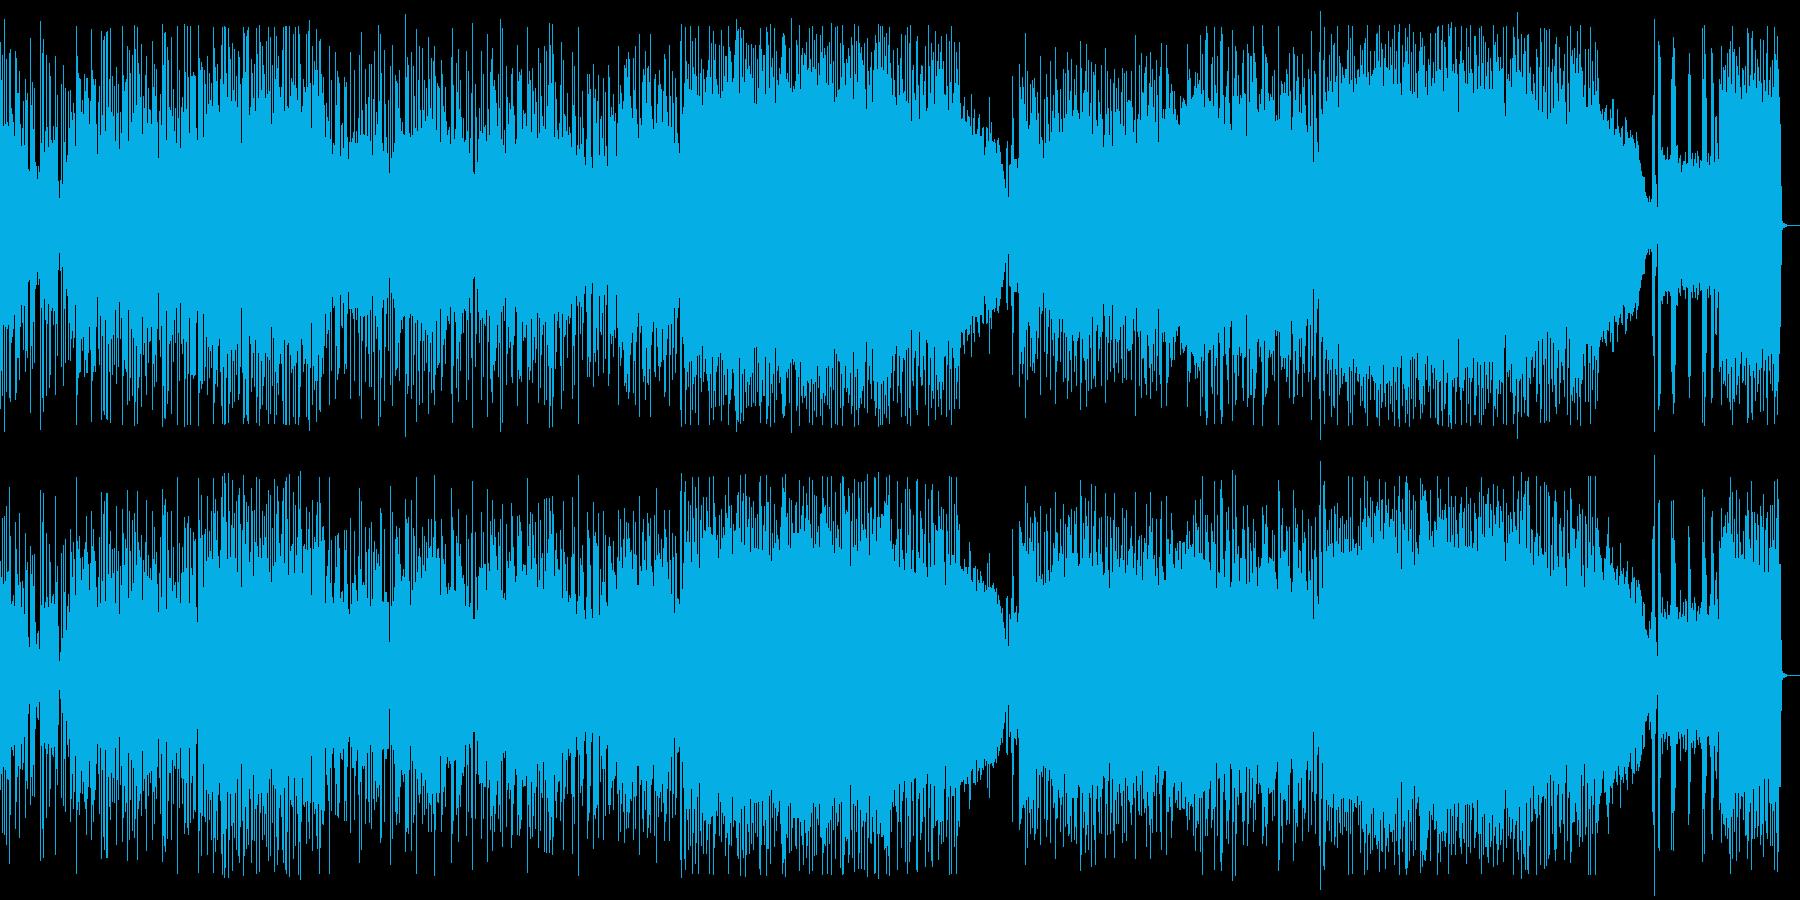 ファンク、ラウドロック、カッコいいリフの再生済みの波形